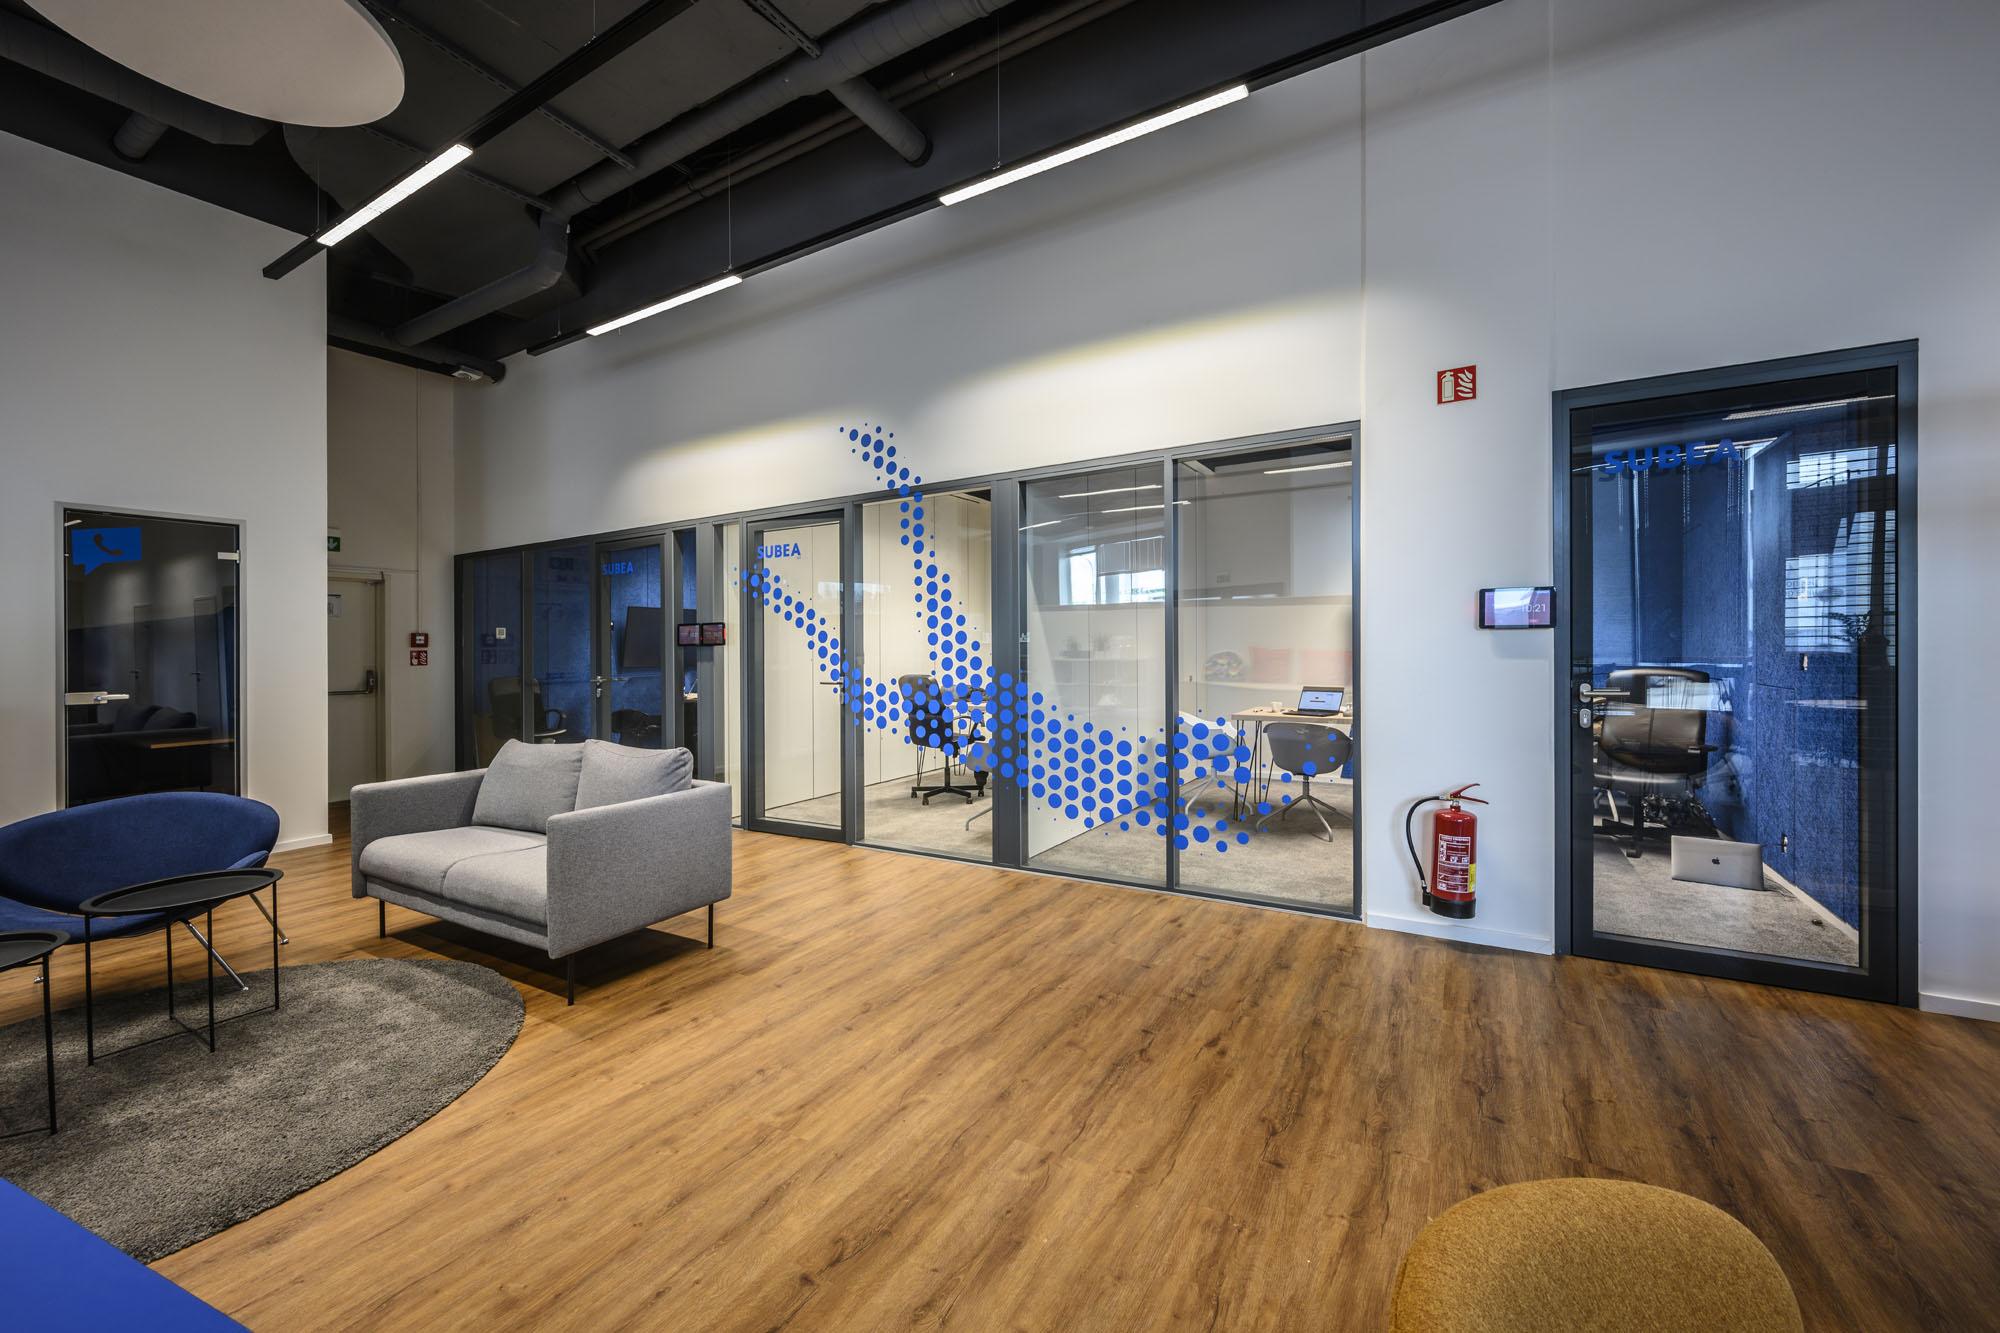 Flexibilis modern irodák különböző sportágak grafikai megjelenítésével